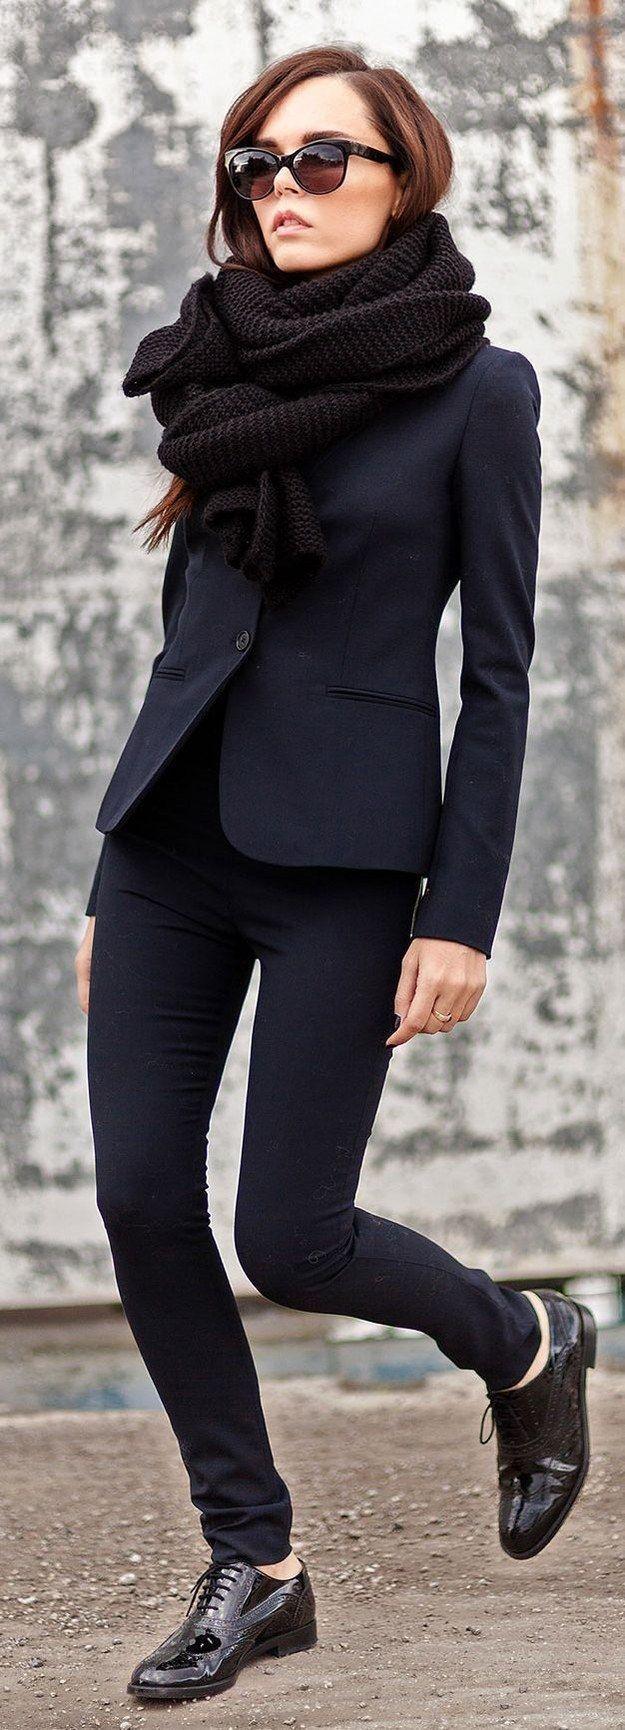 El equilibrio perfecto entre femenino y masculino. | 24 Looks que te convencerán de adoptar el negro de pies a cabeza